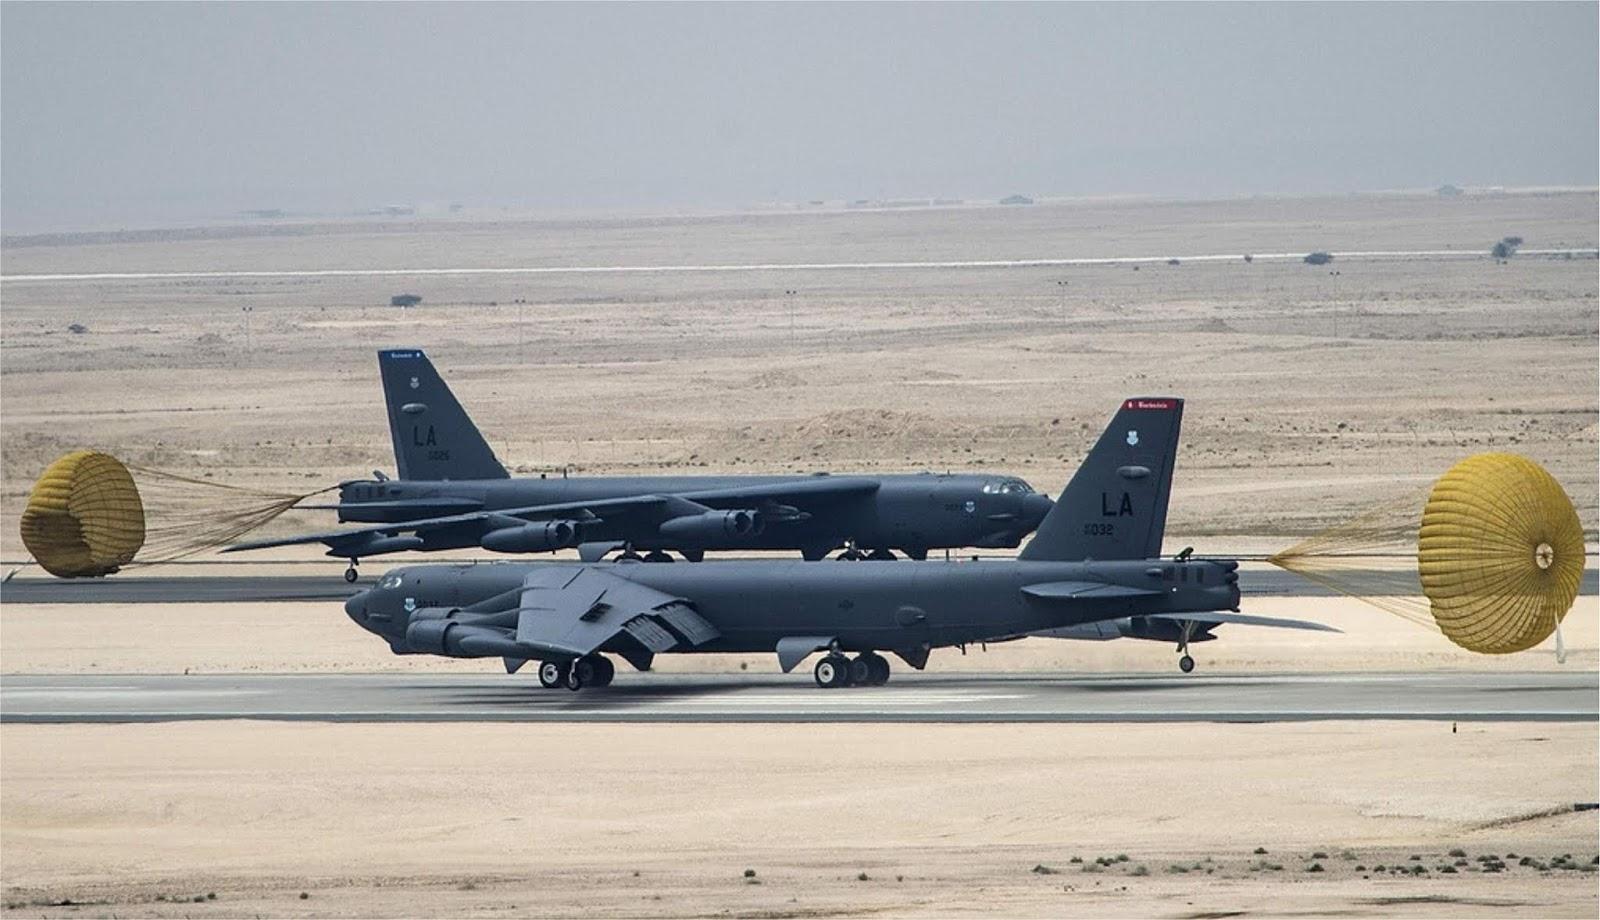 Amerika Serikat telah mengirim pembom strategis B-52 ke Eropa untuk latihan NATO